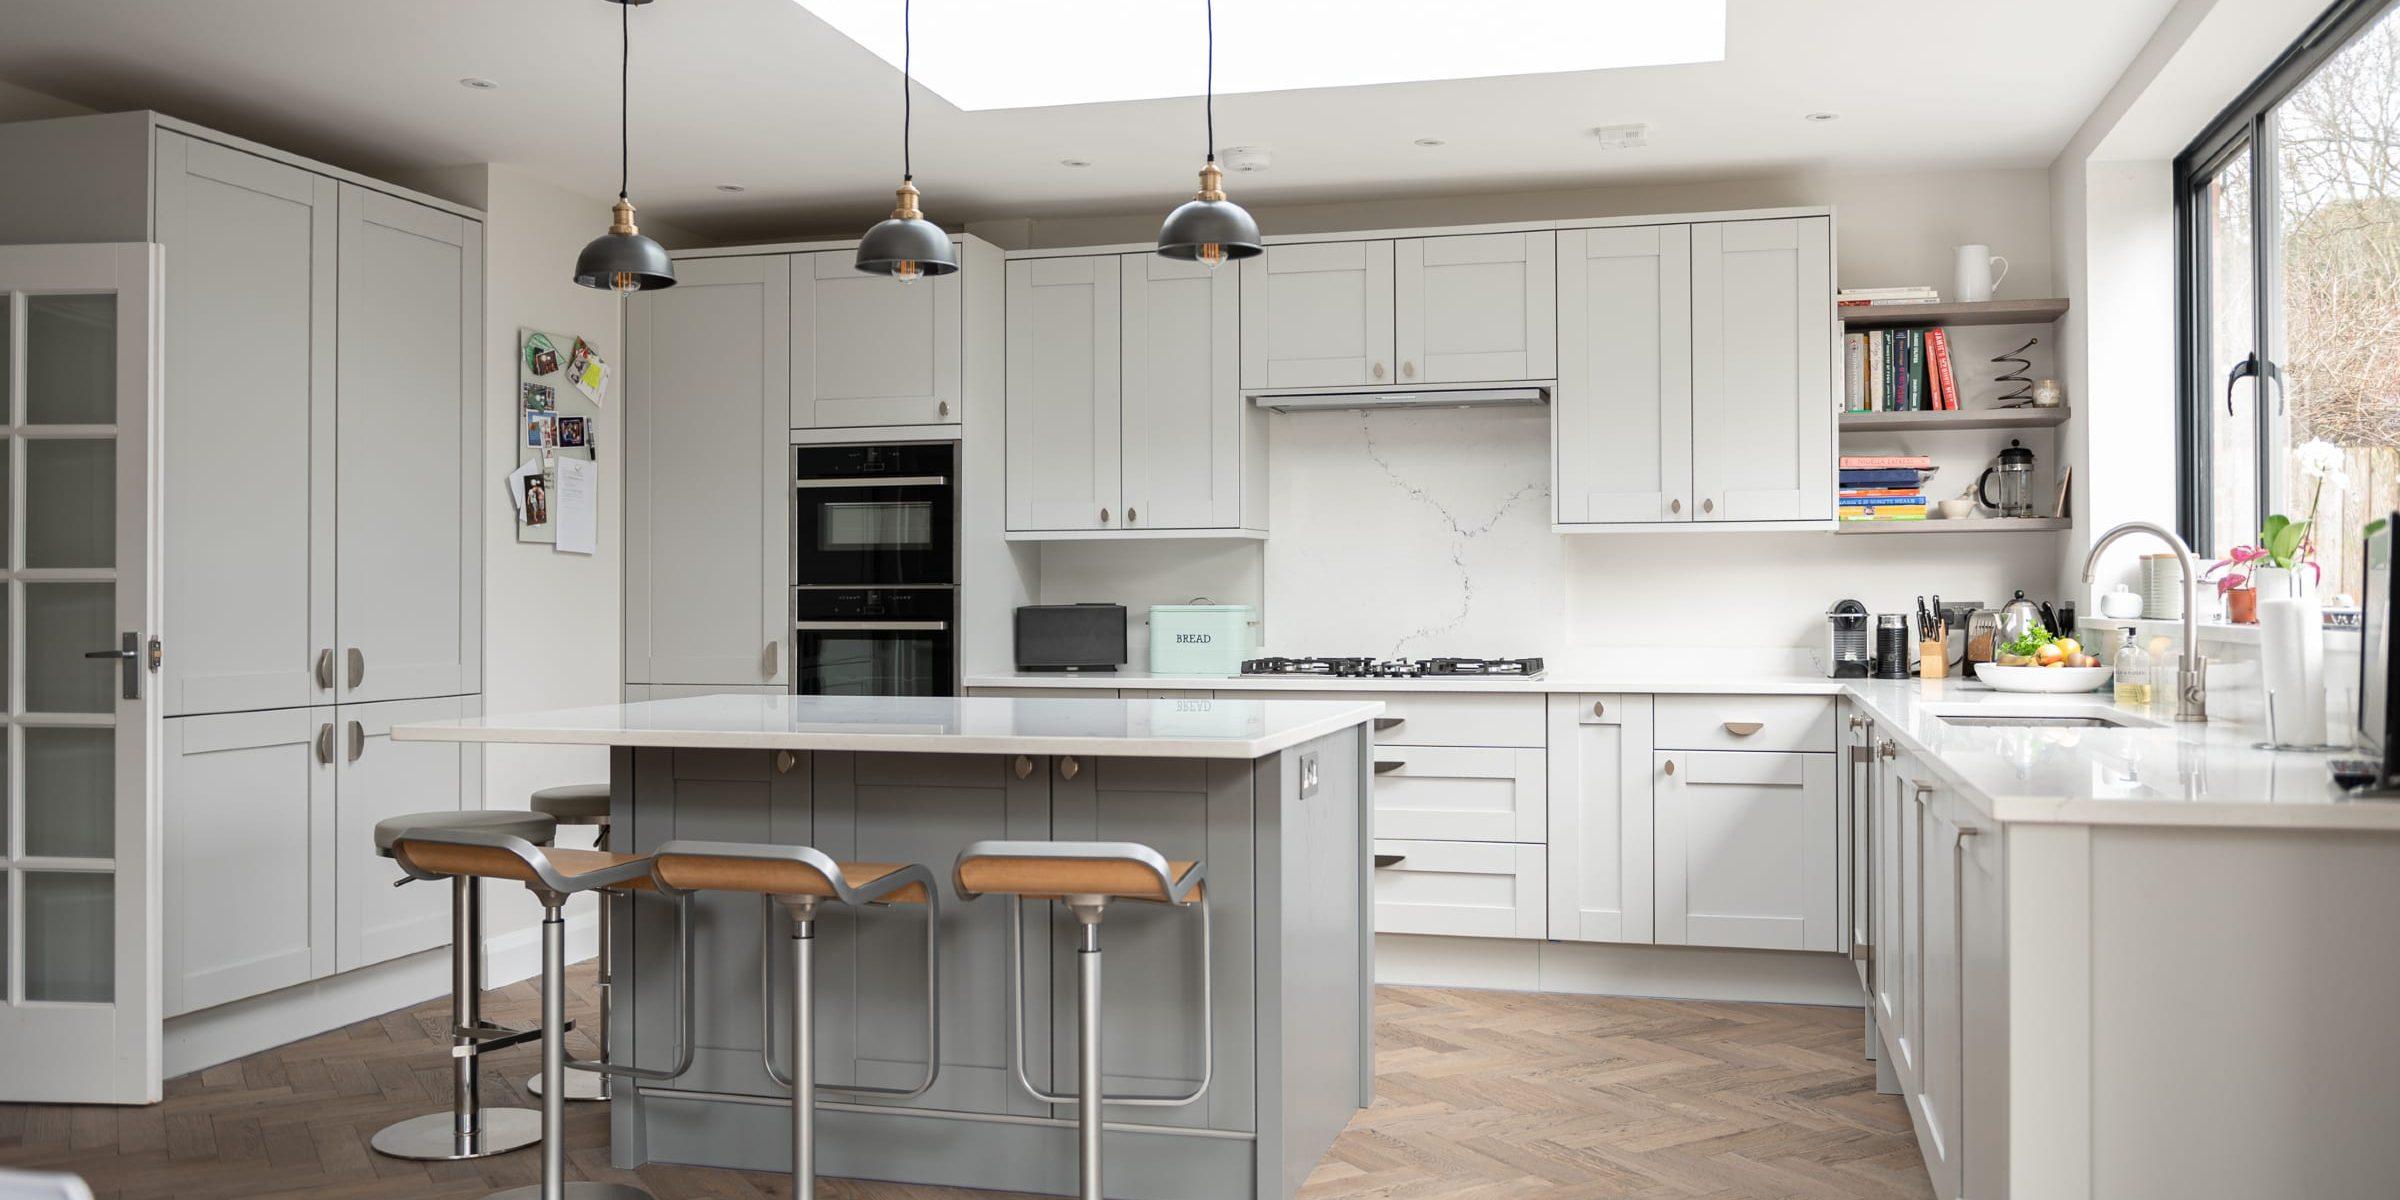 Kingston kitchen extension design